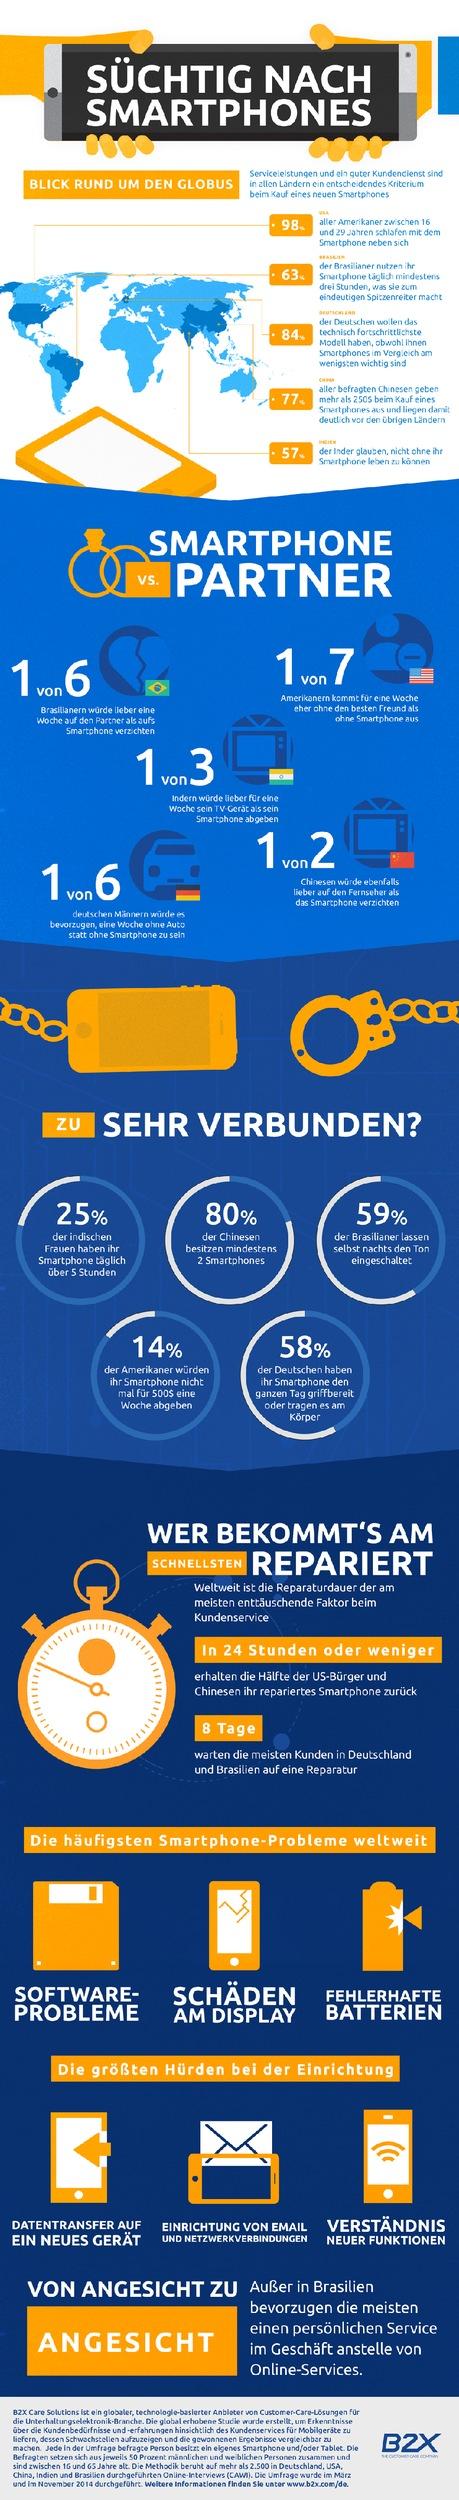 Studie von B2X deckt globale Smartphone-Sucht und spannende Nutzungsgewohnheiten weltweit auf / Umfrage vergleicht Nutzerverhalten und Kundenservice in Deutschland, USA, China, Indien und Brasilien